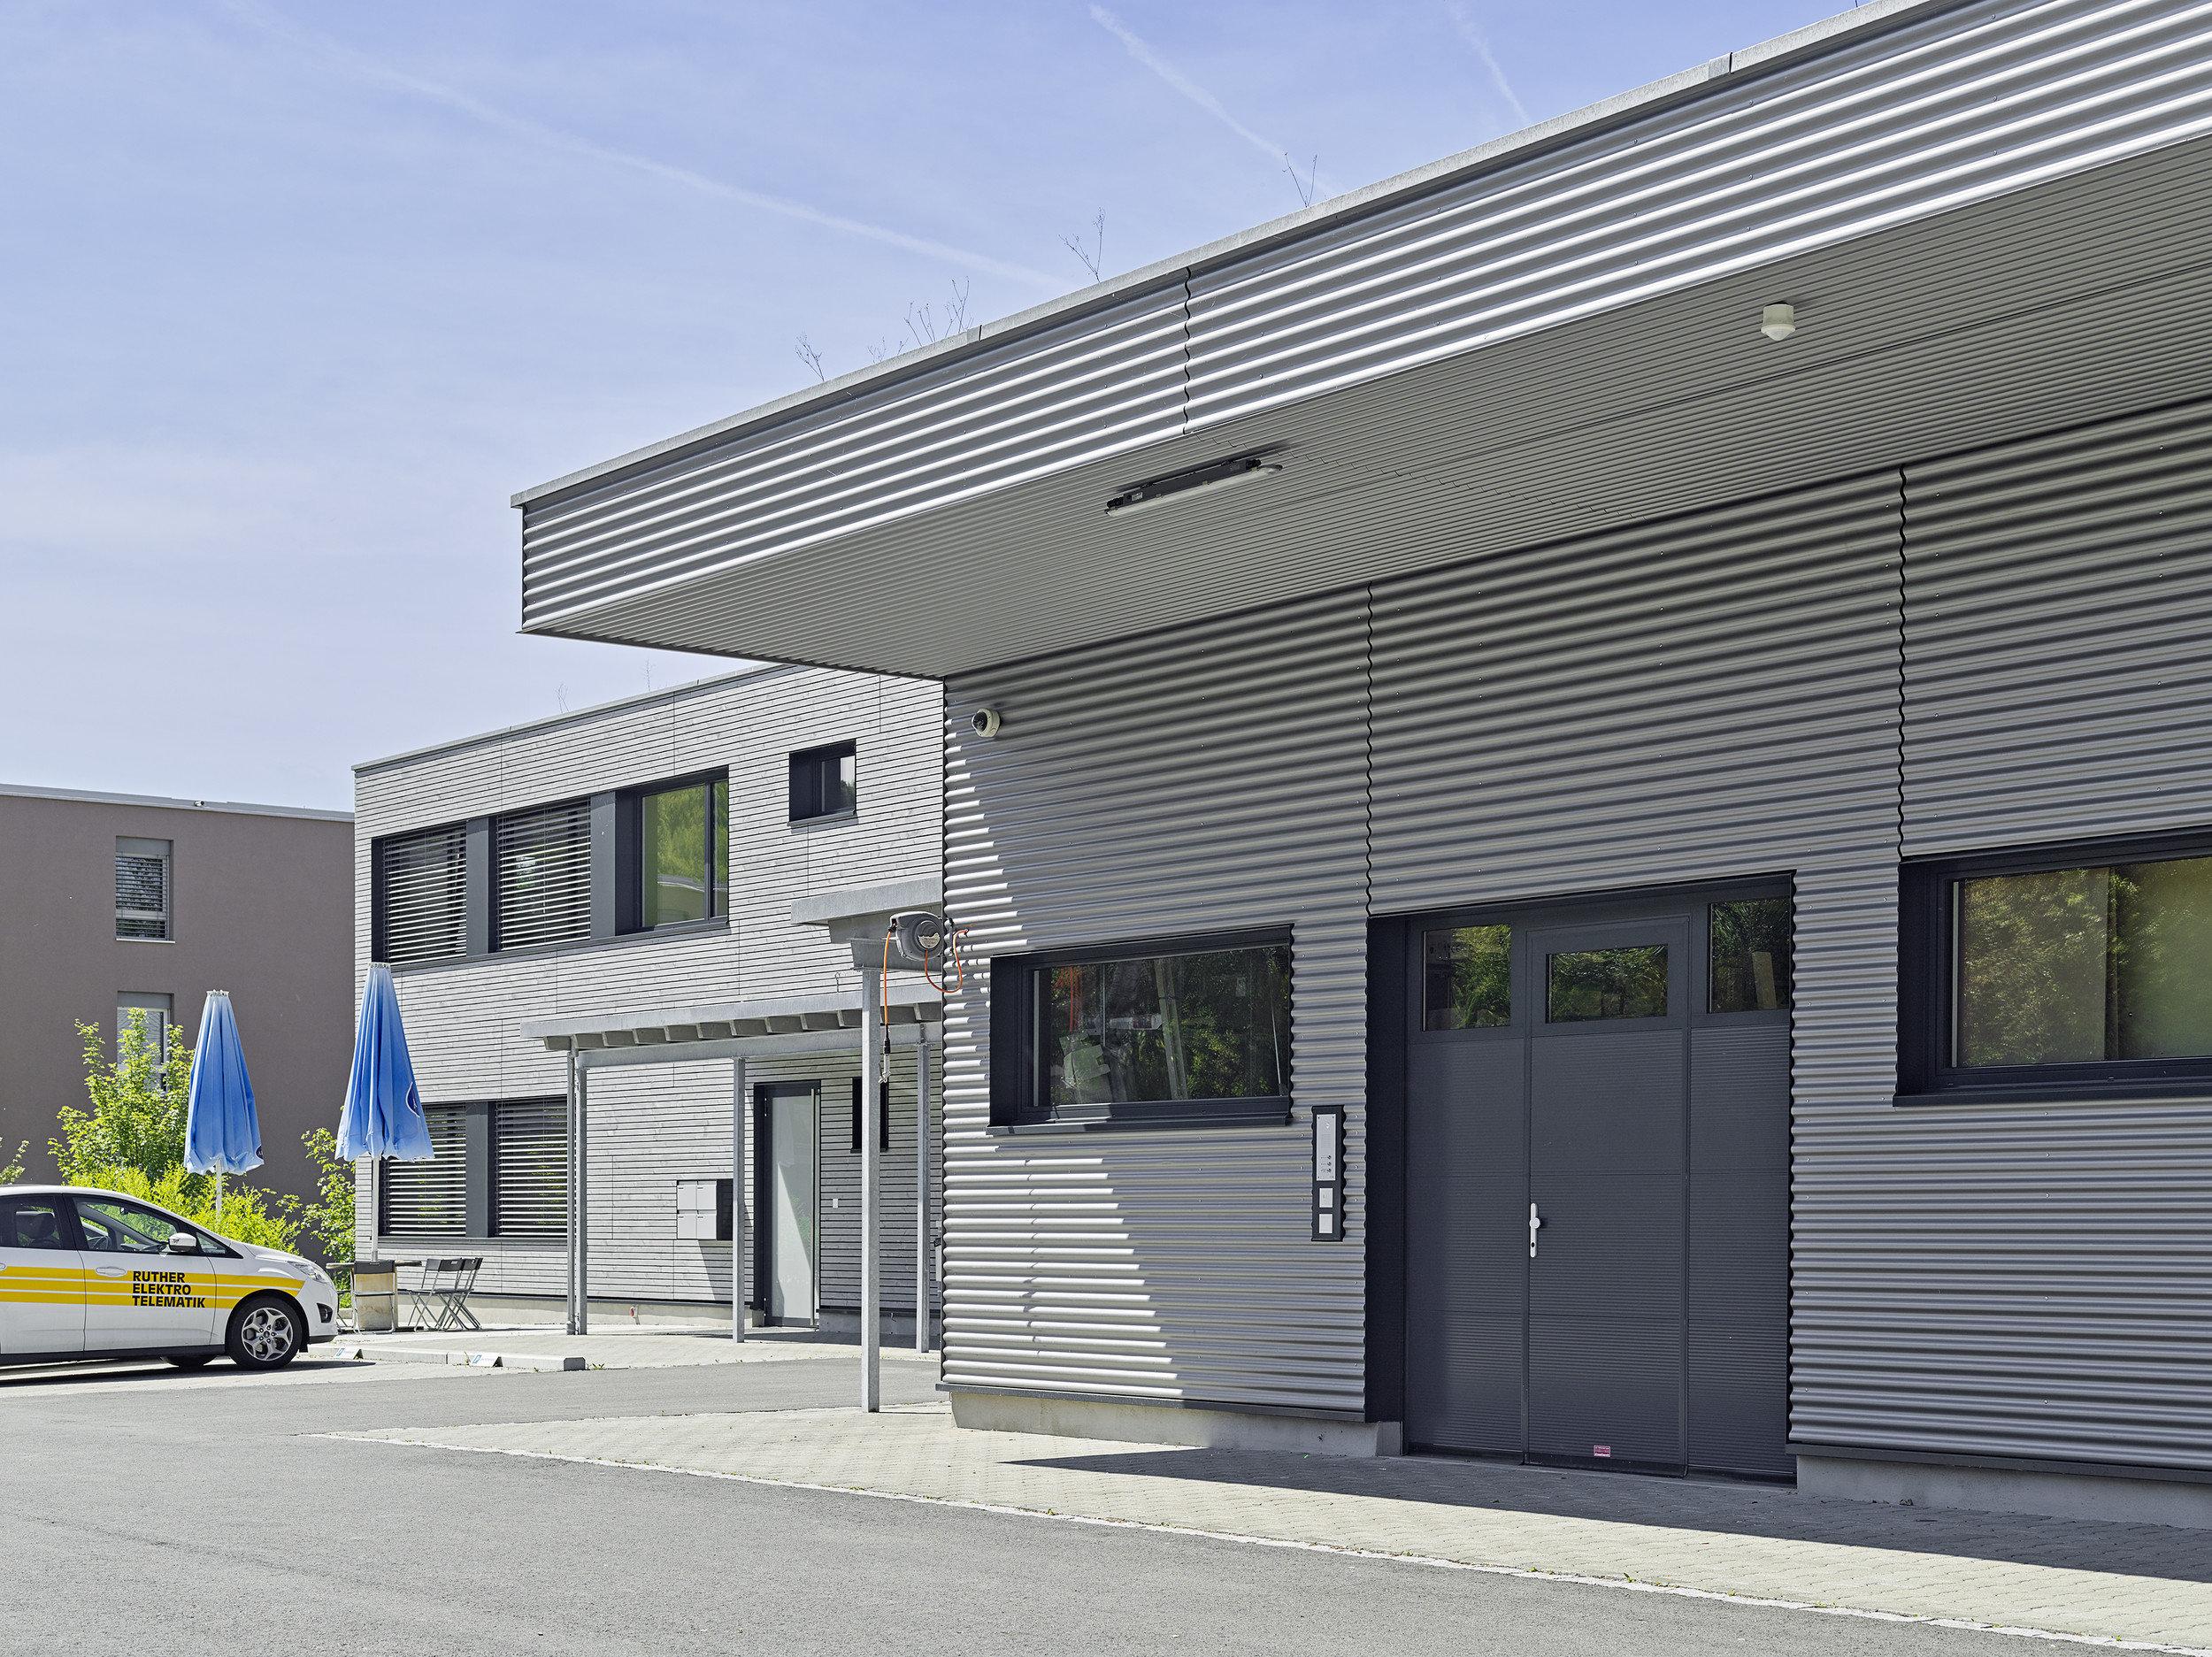 Bürogebäude von aussen mit Geschossdecke in Holz-Beton-Verbund